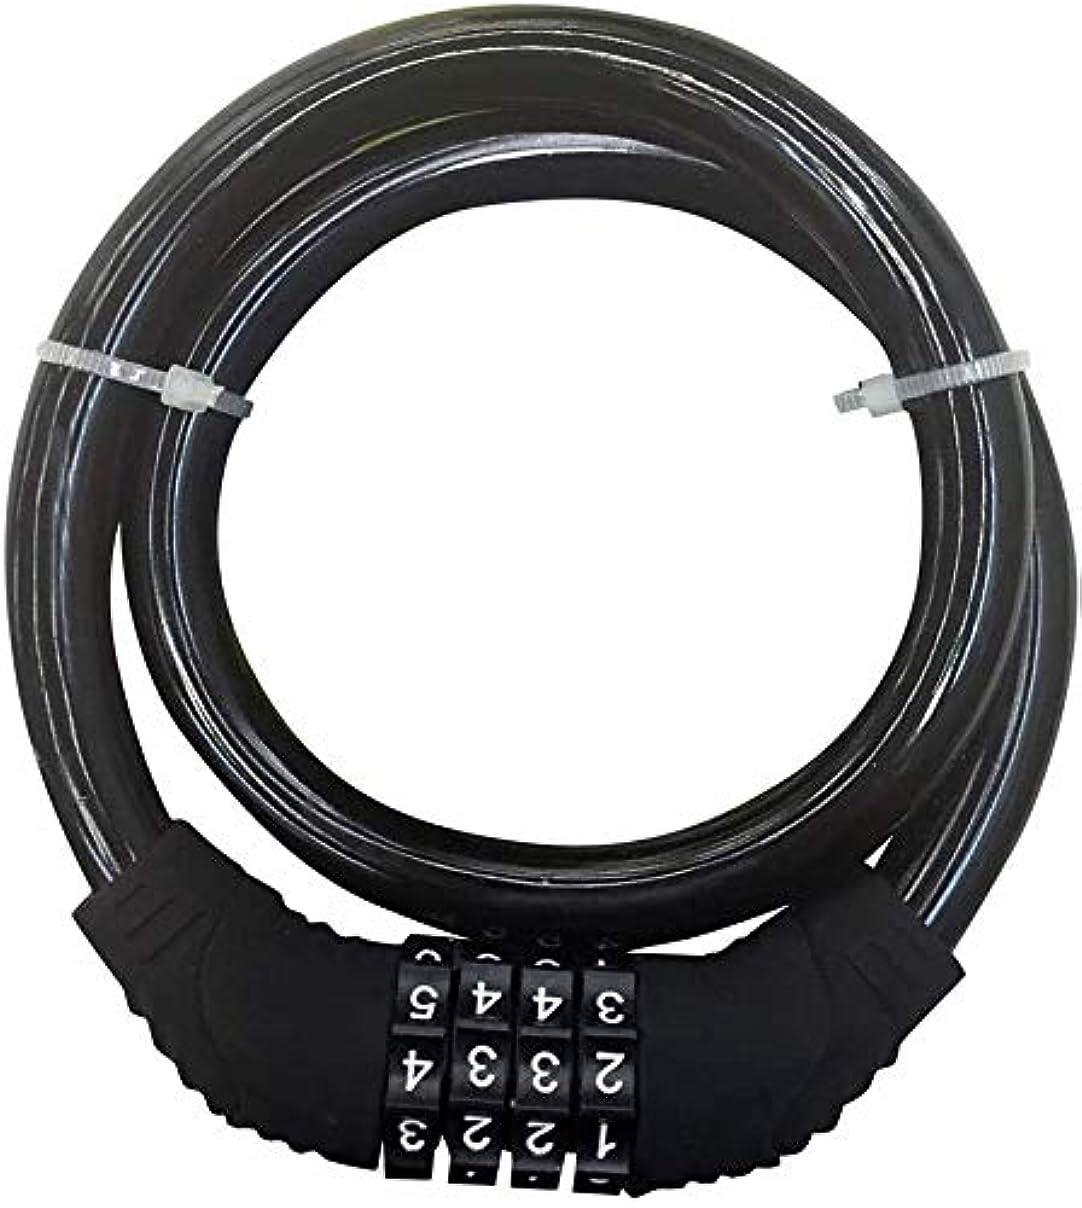 登場うめき声サラダ自転車ロック、自転車ケーブルロック、4桁のリセット可能なコンビネーションケーブルロック自転車、スクーター、グリルなど、安全を確保する必要があるアイテムに最適